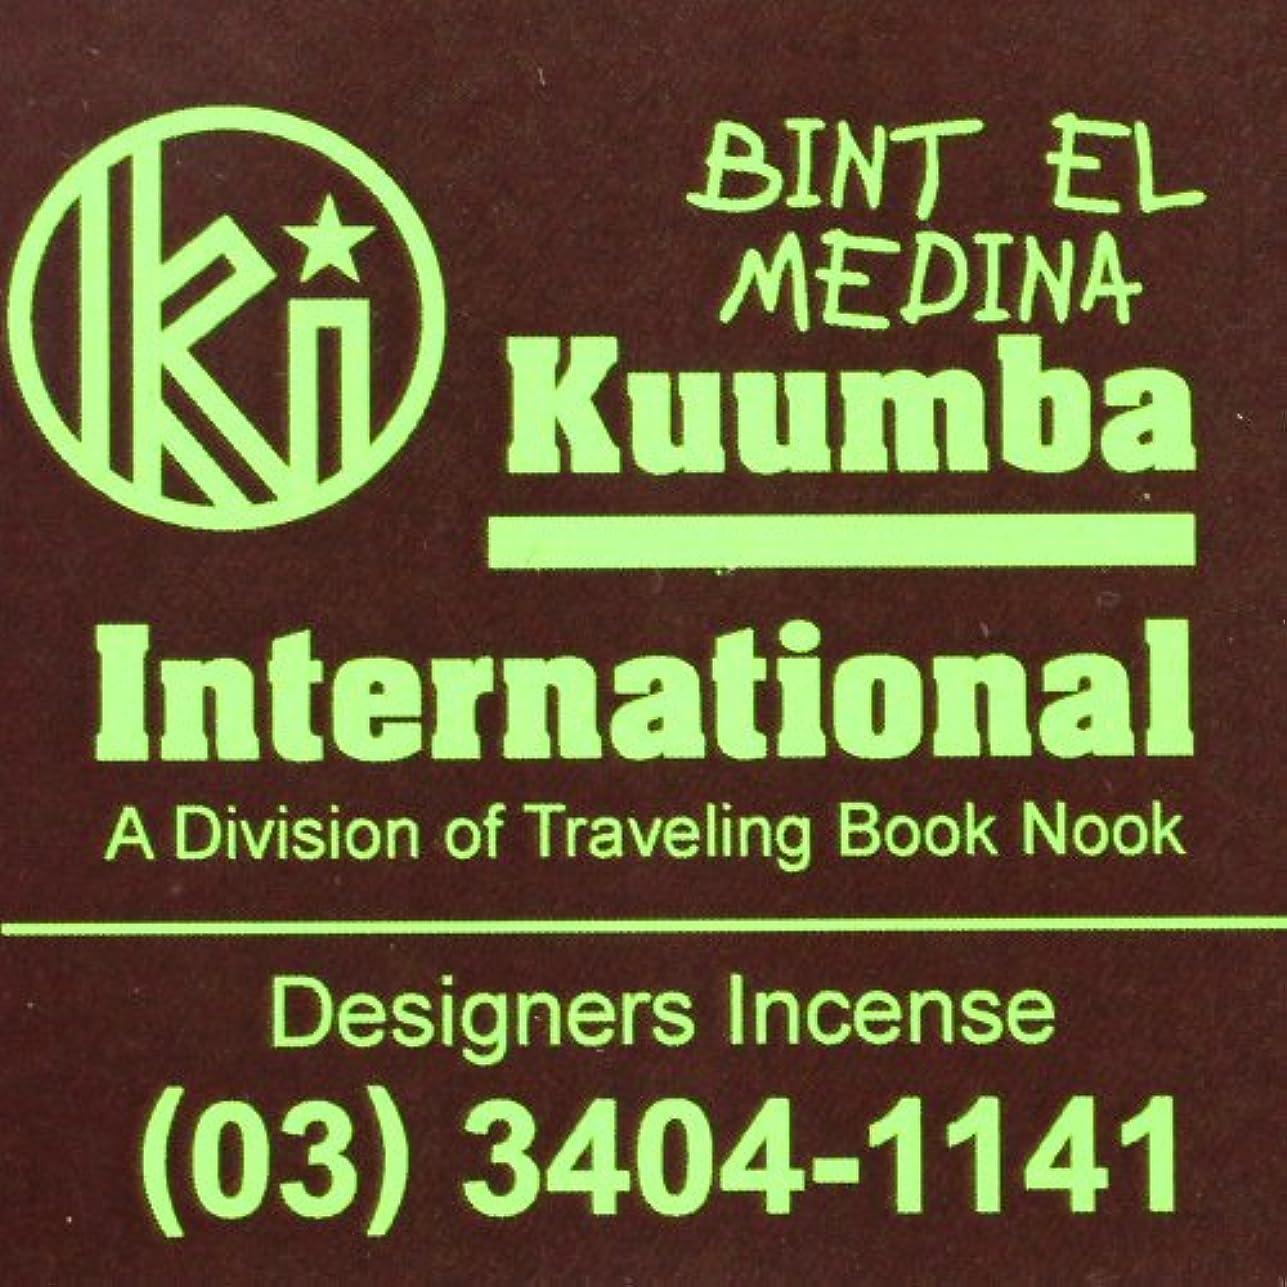 動かすパン屋感動する(クンバ) KUUMBA『classic regular incense』(BINT EL MEDINA) (Regular size)